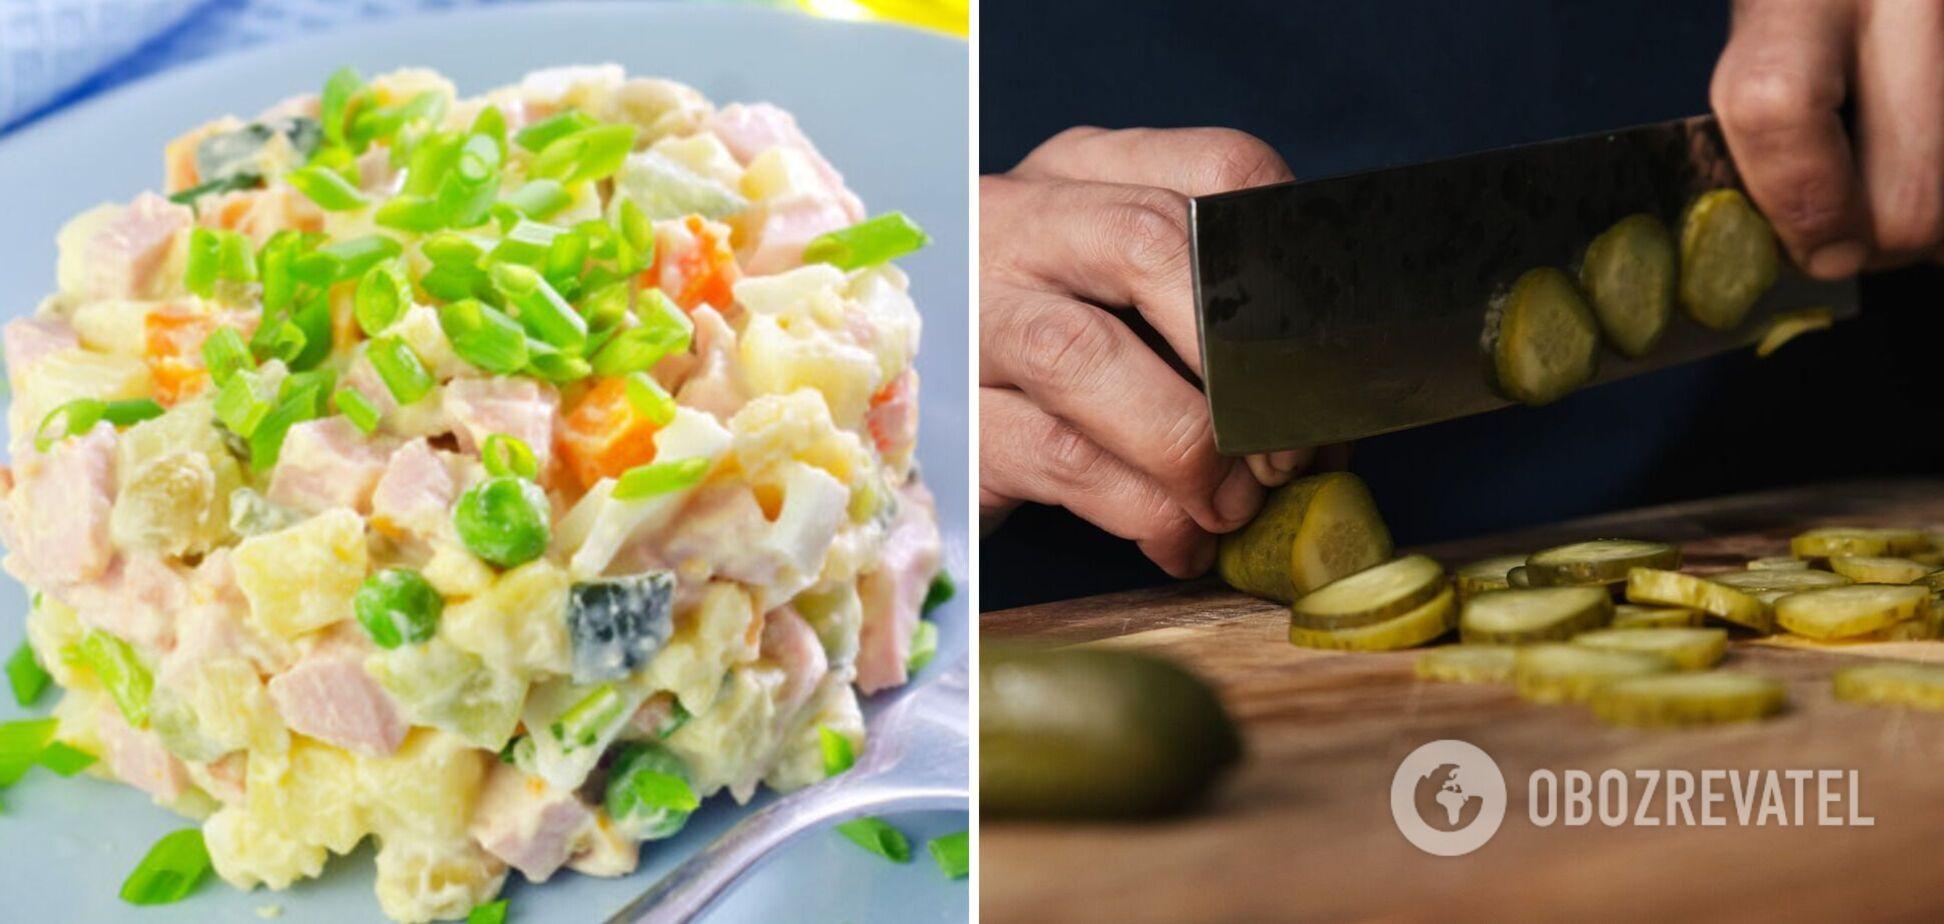 С какими огурцами лучше приготовить ''Оливье'' – свежими или солеными: опыт фудблогеров